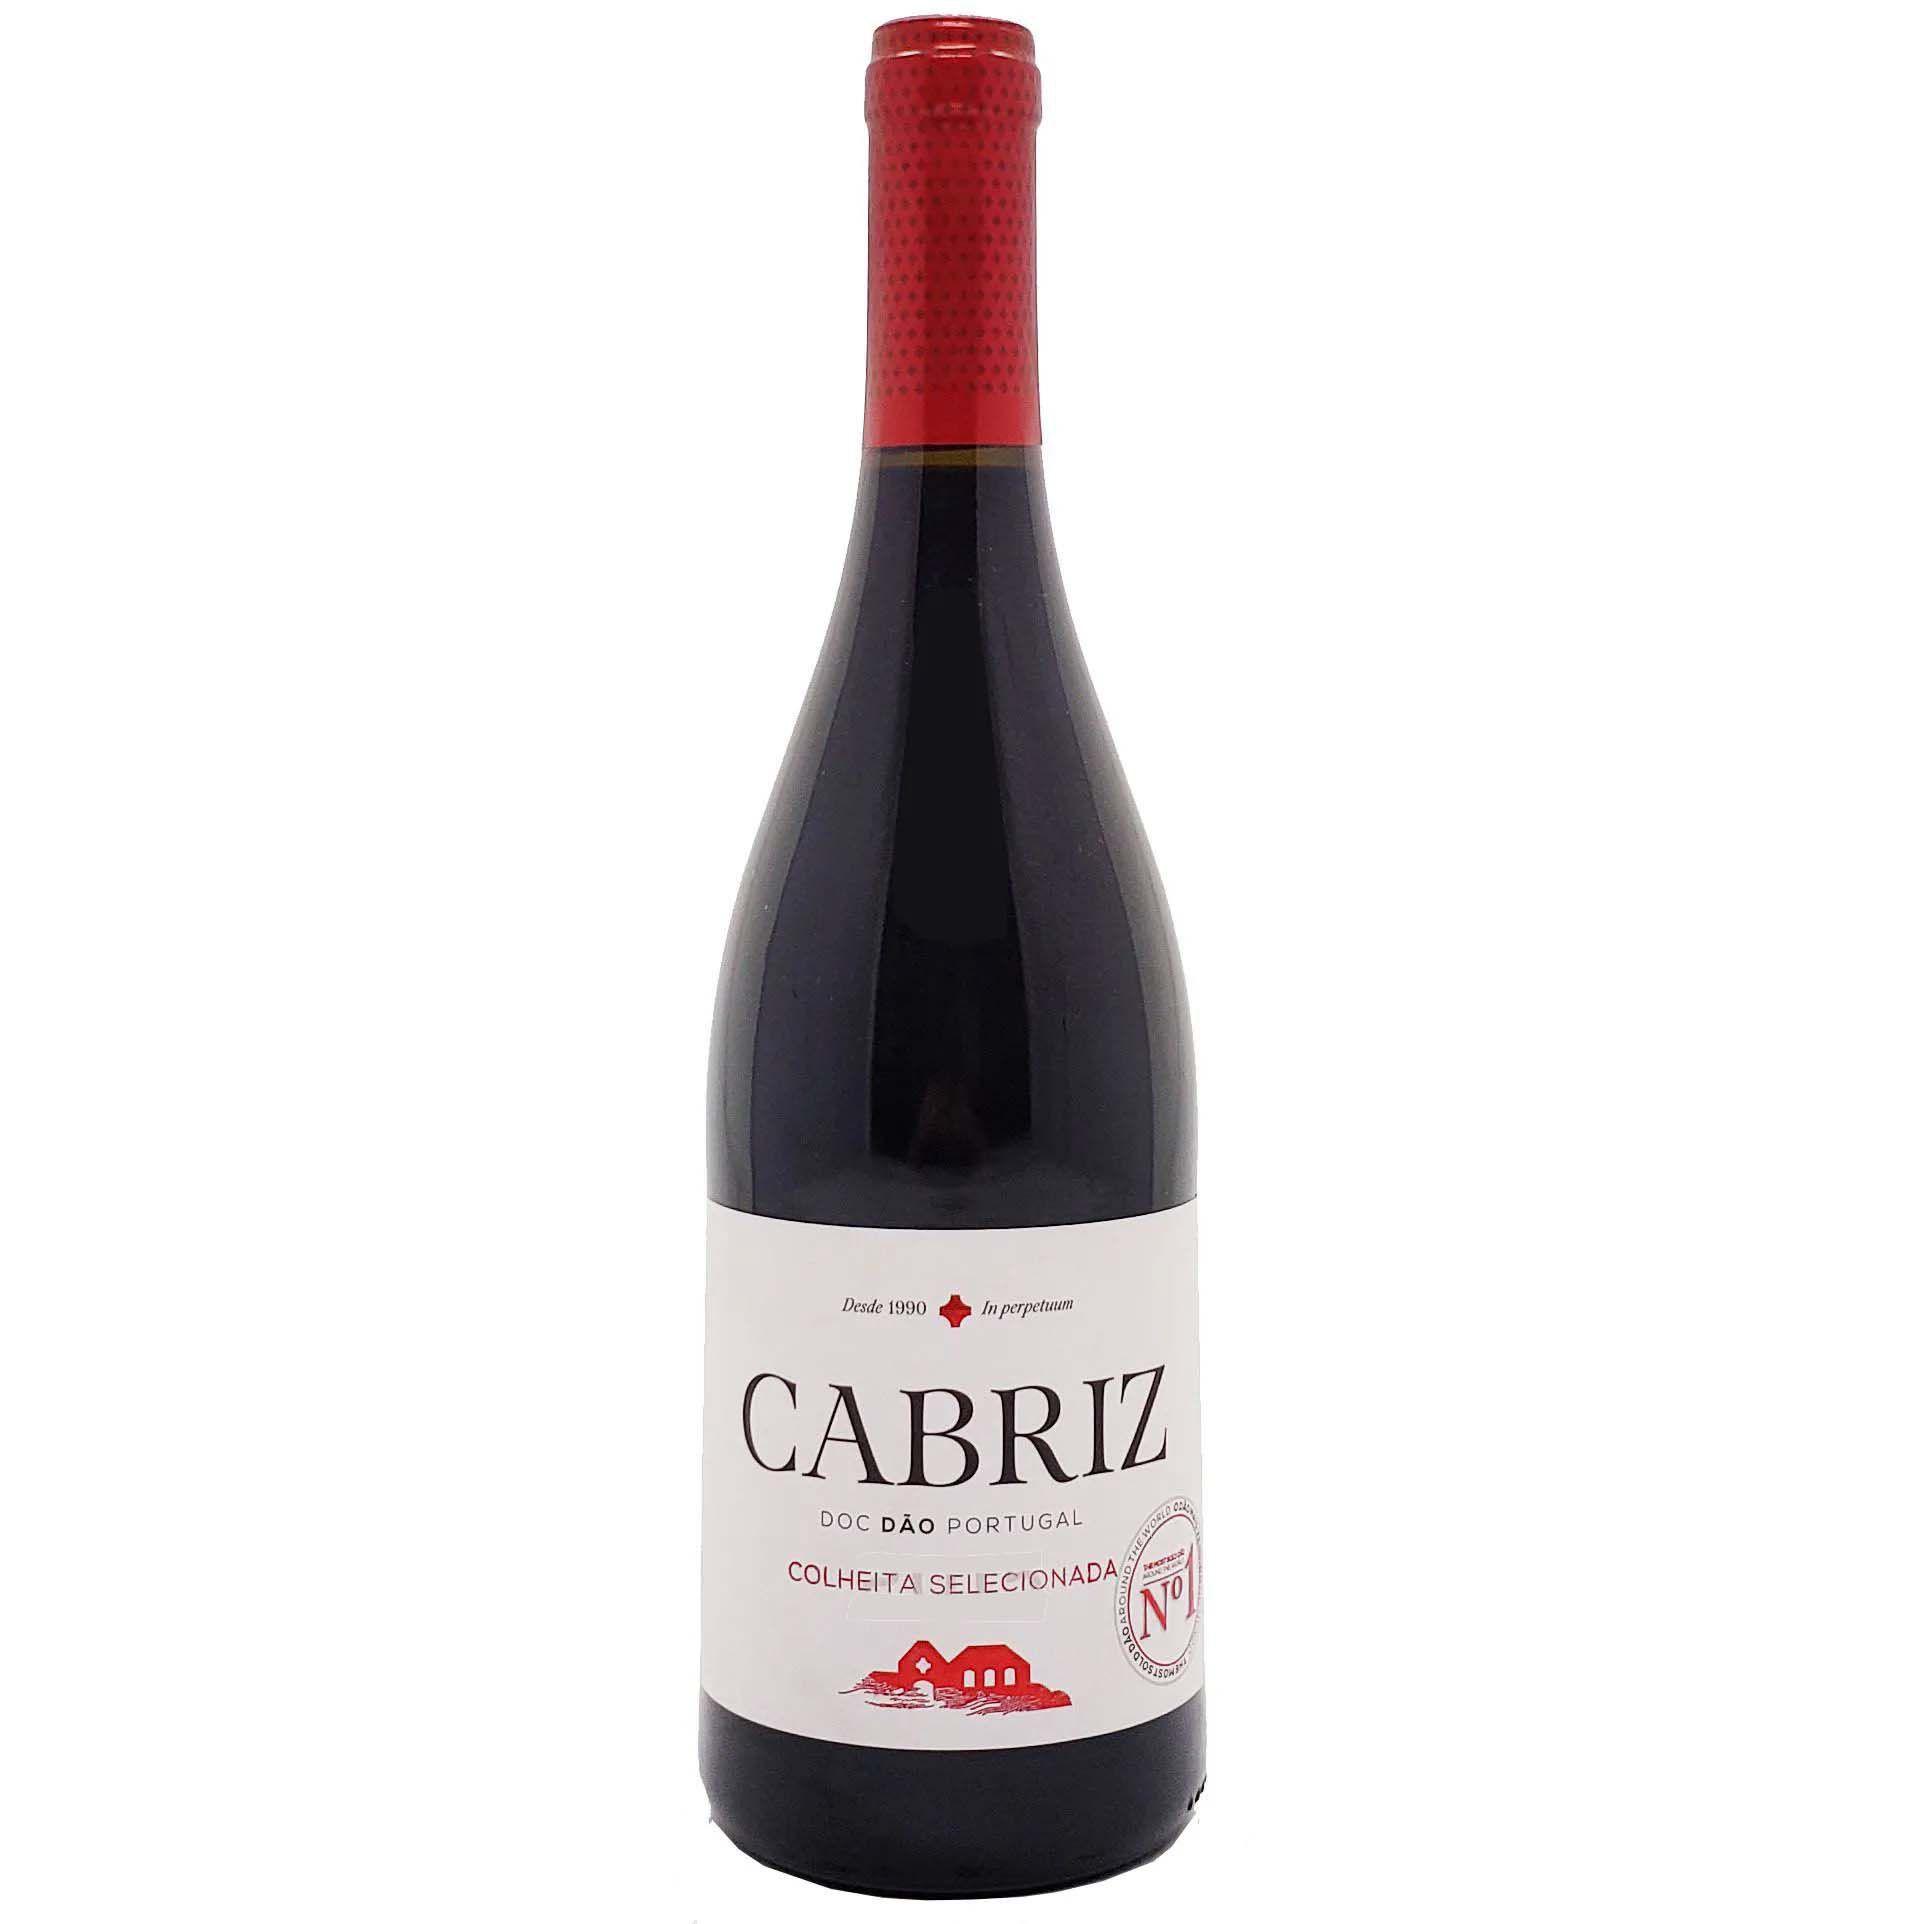 Vinho Tinto Cabriz Colheita Selecionada DOC DÃO - 750ml -